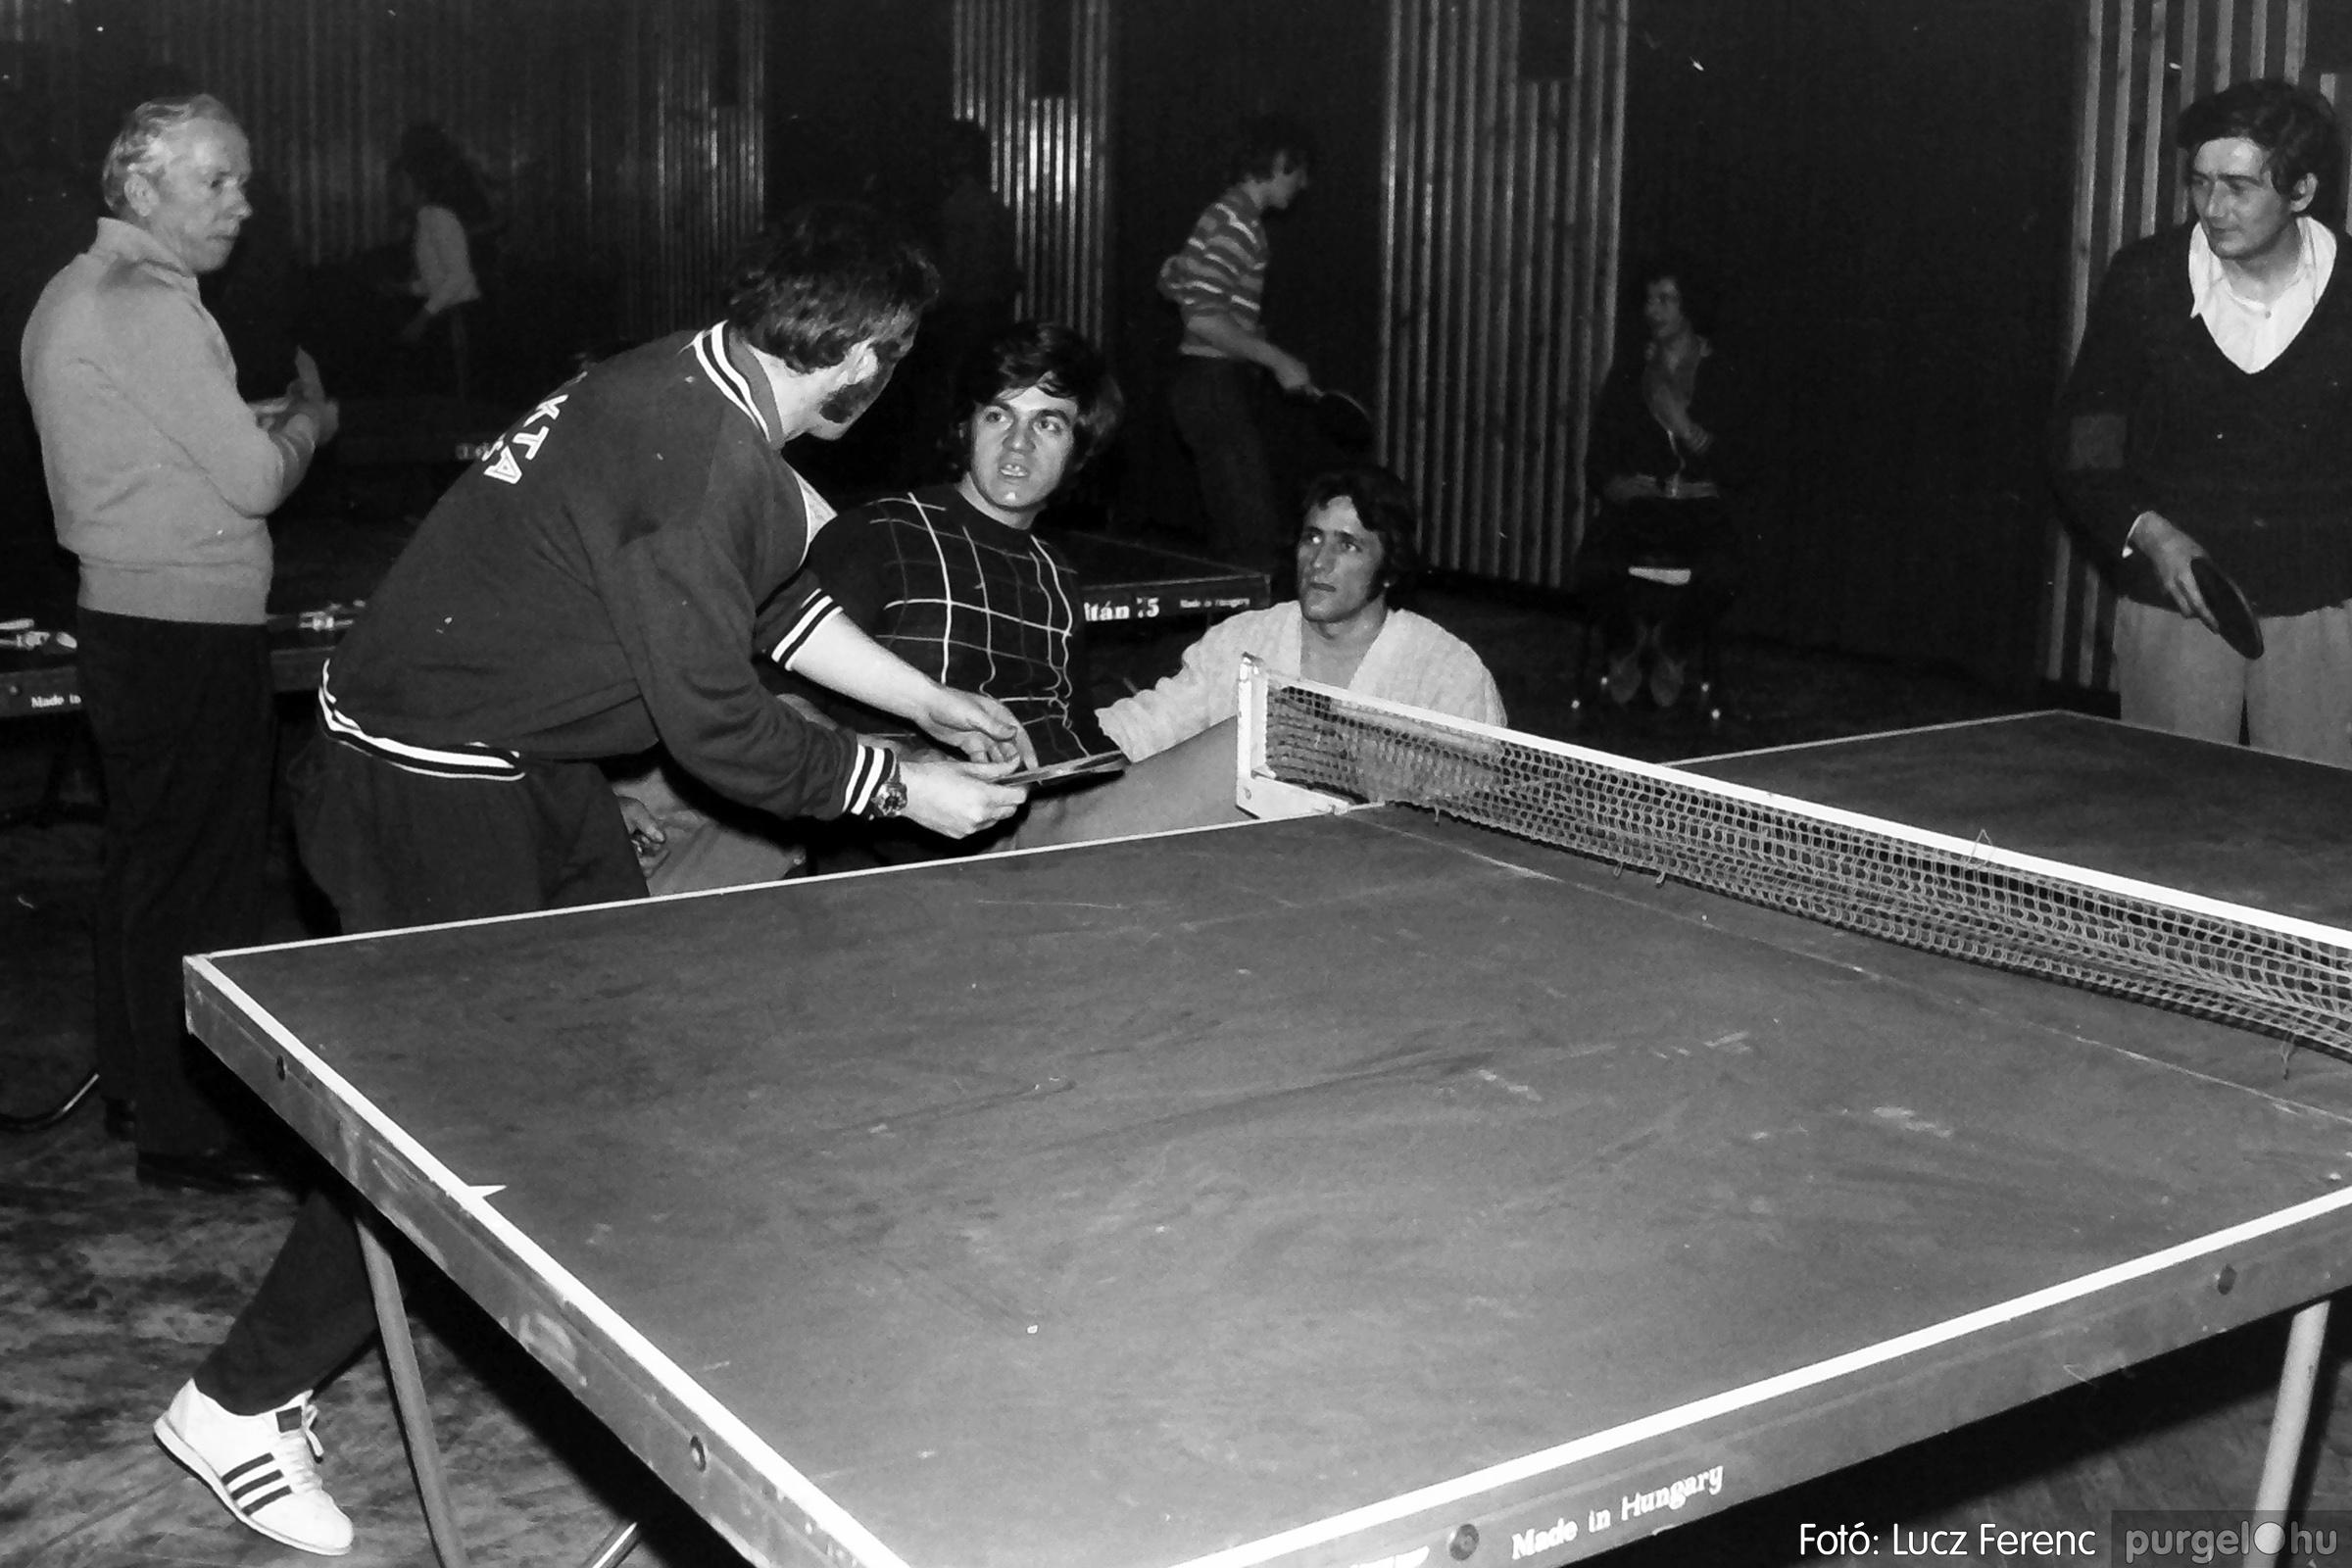 073. 1977. Asztaltenisz verseny 013. - Fotó: Lucz Ferenc.jpg